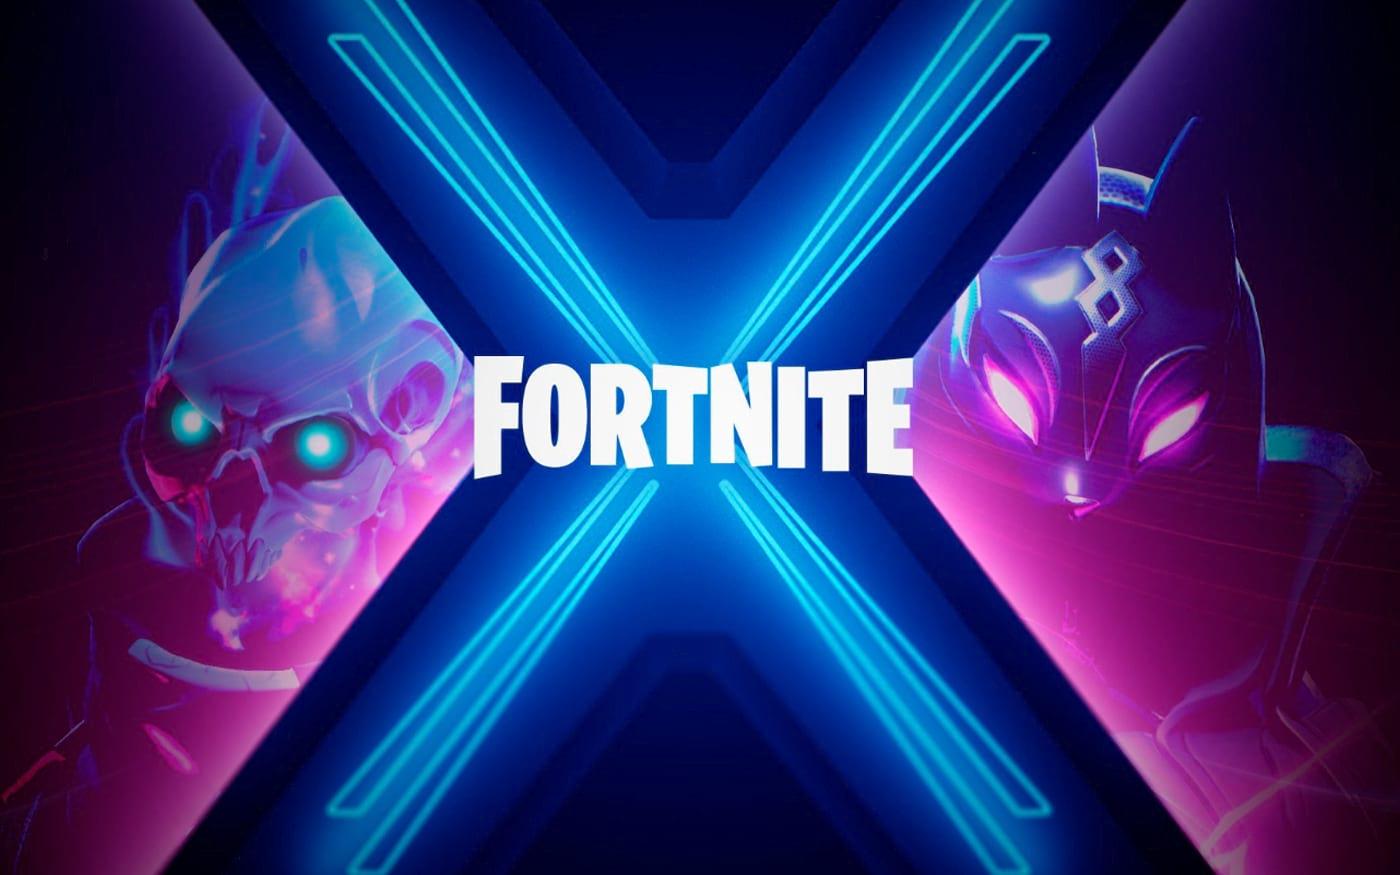 Fortnite: Temporada 10 começa dia 1 de agosto